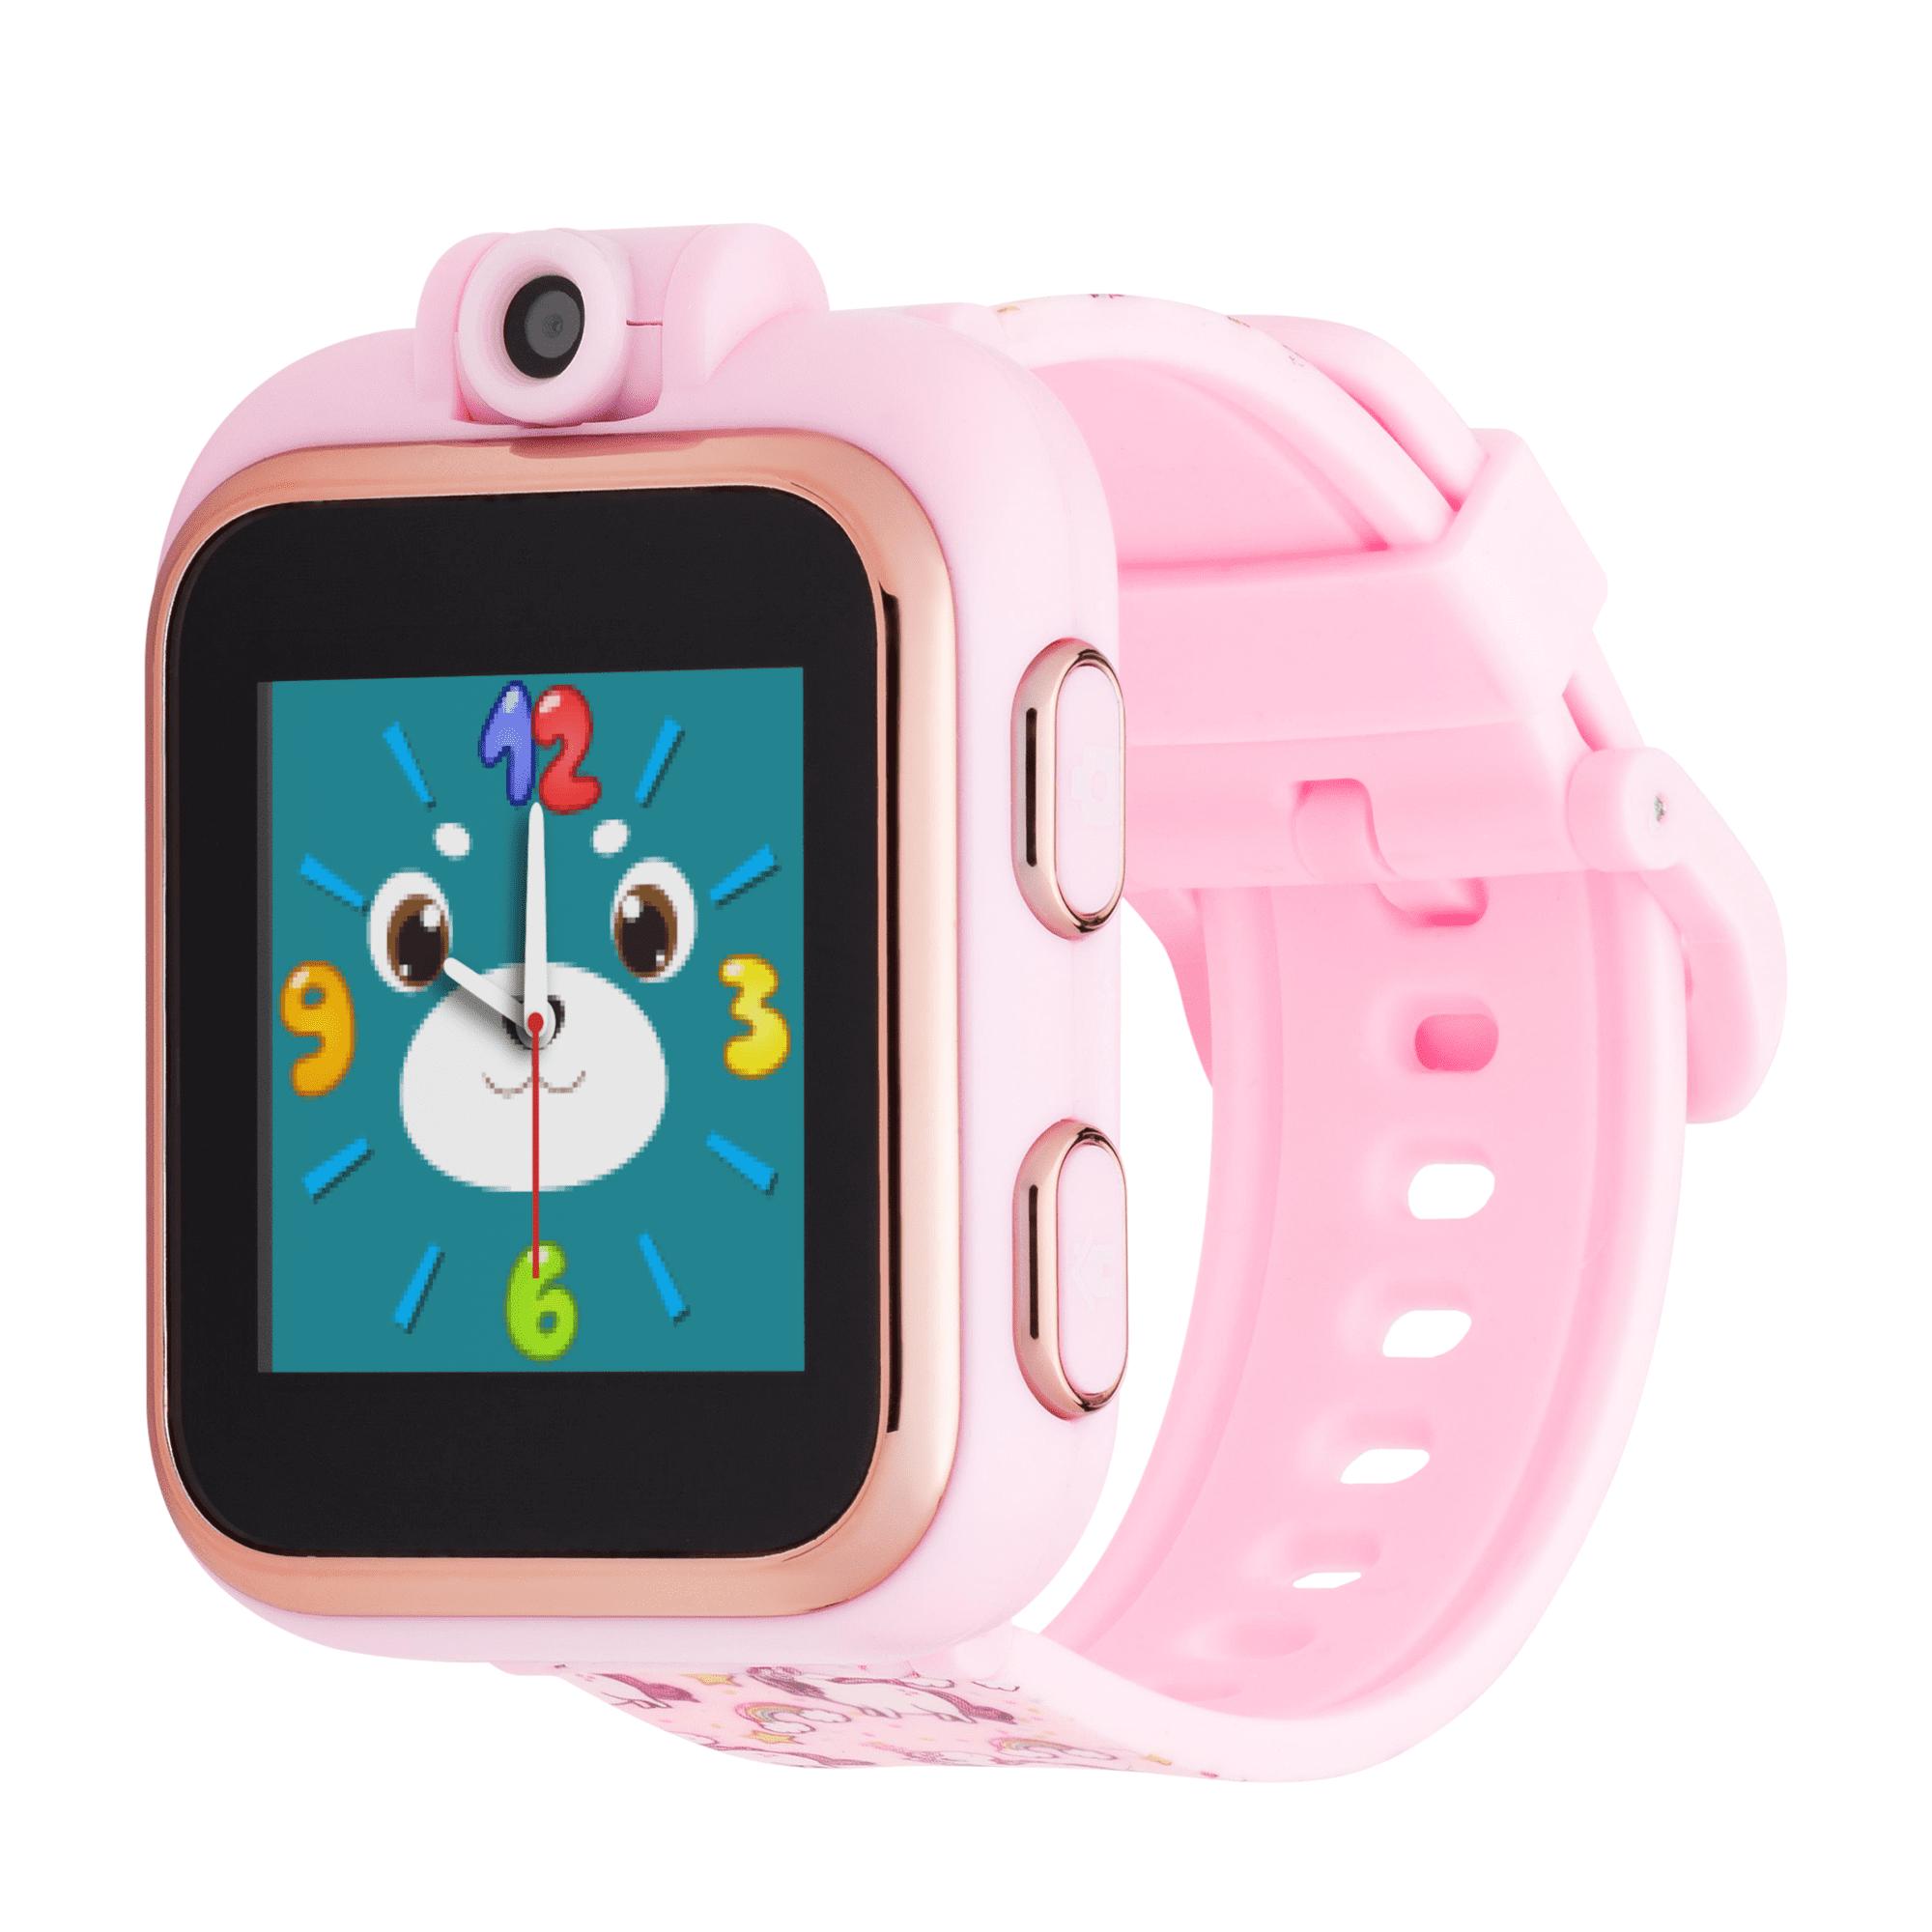 iTouch Playzoom Kids Smart Watch Pink Unicorns